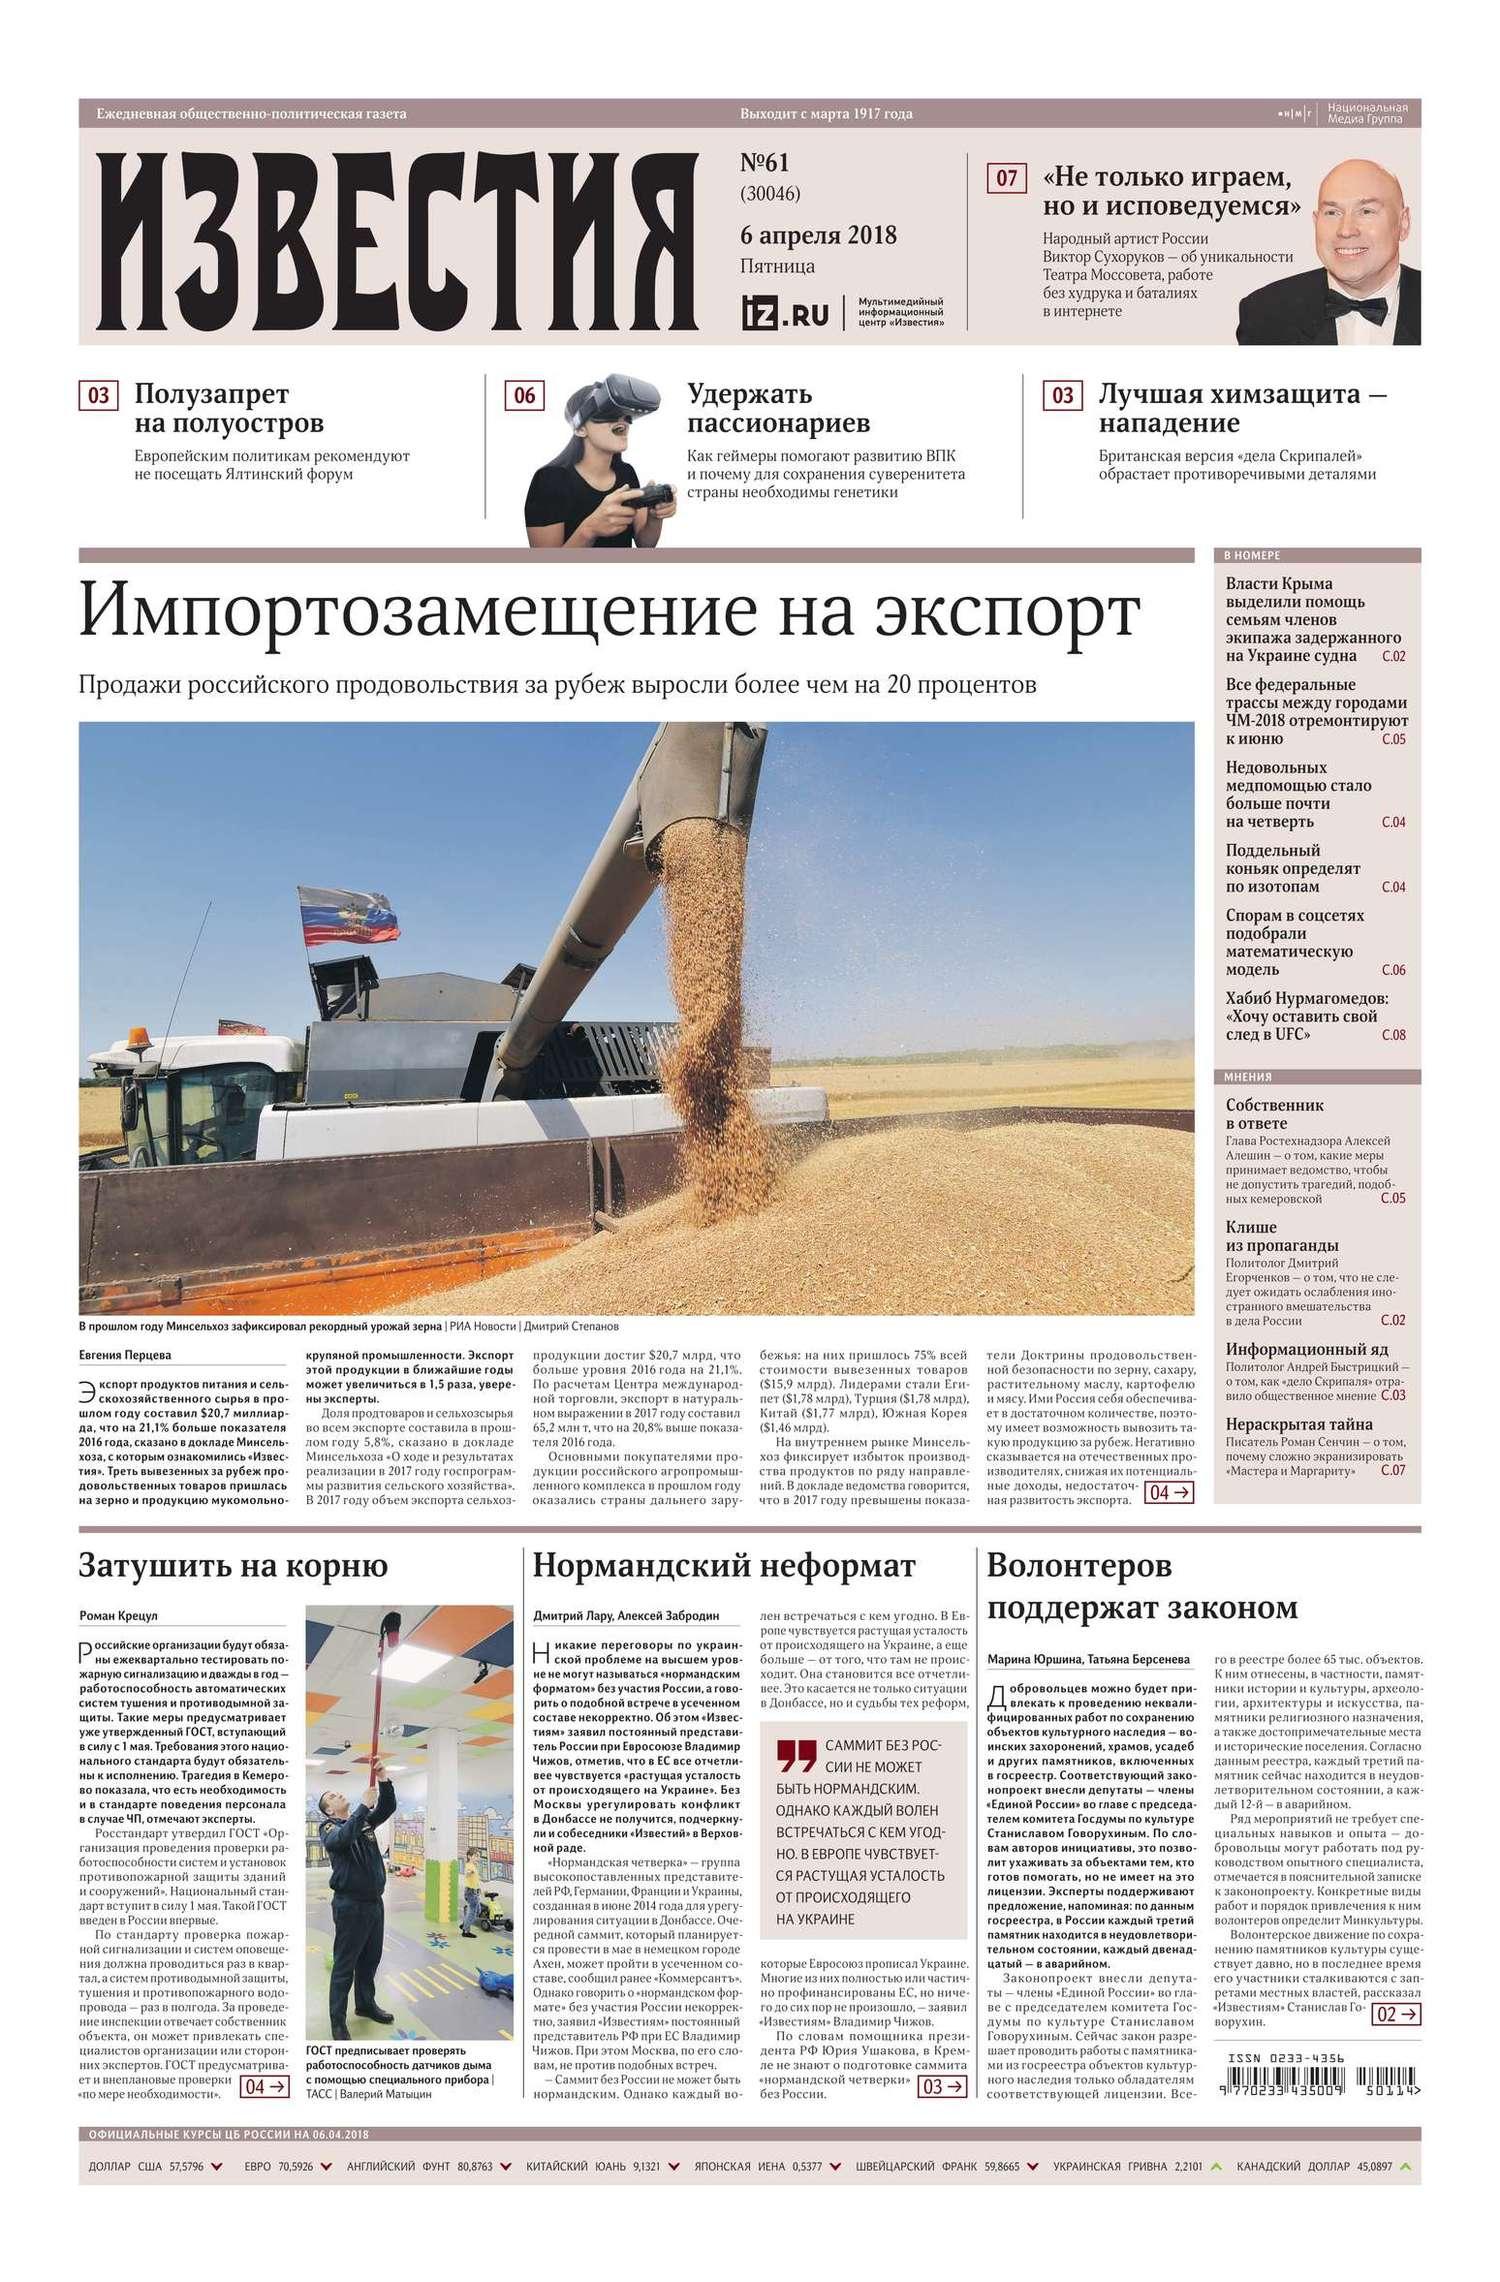 Редакция газеты Известия. Известия 61-2018